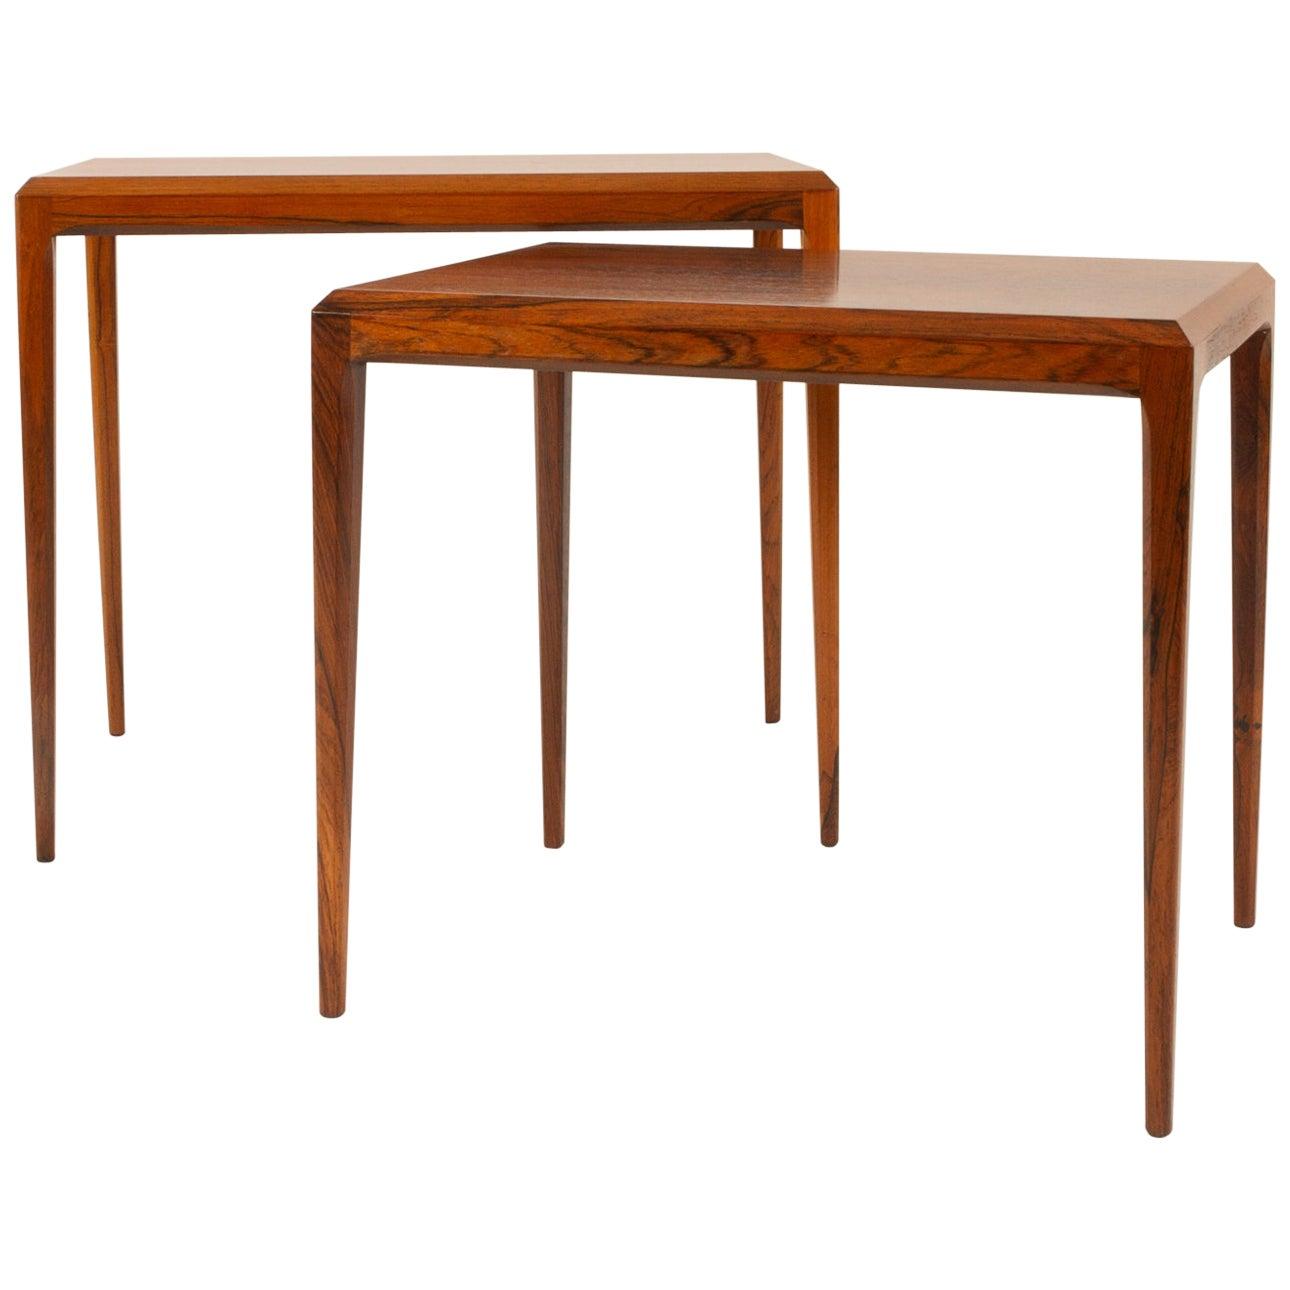 Johannes Andersen Nesting Tables by CFC Silkeborg Denmark, 1960s